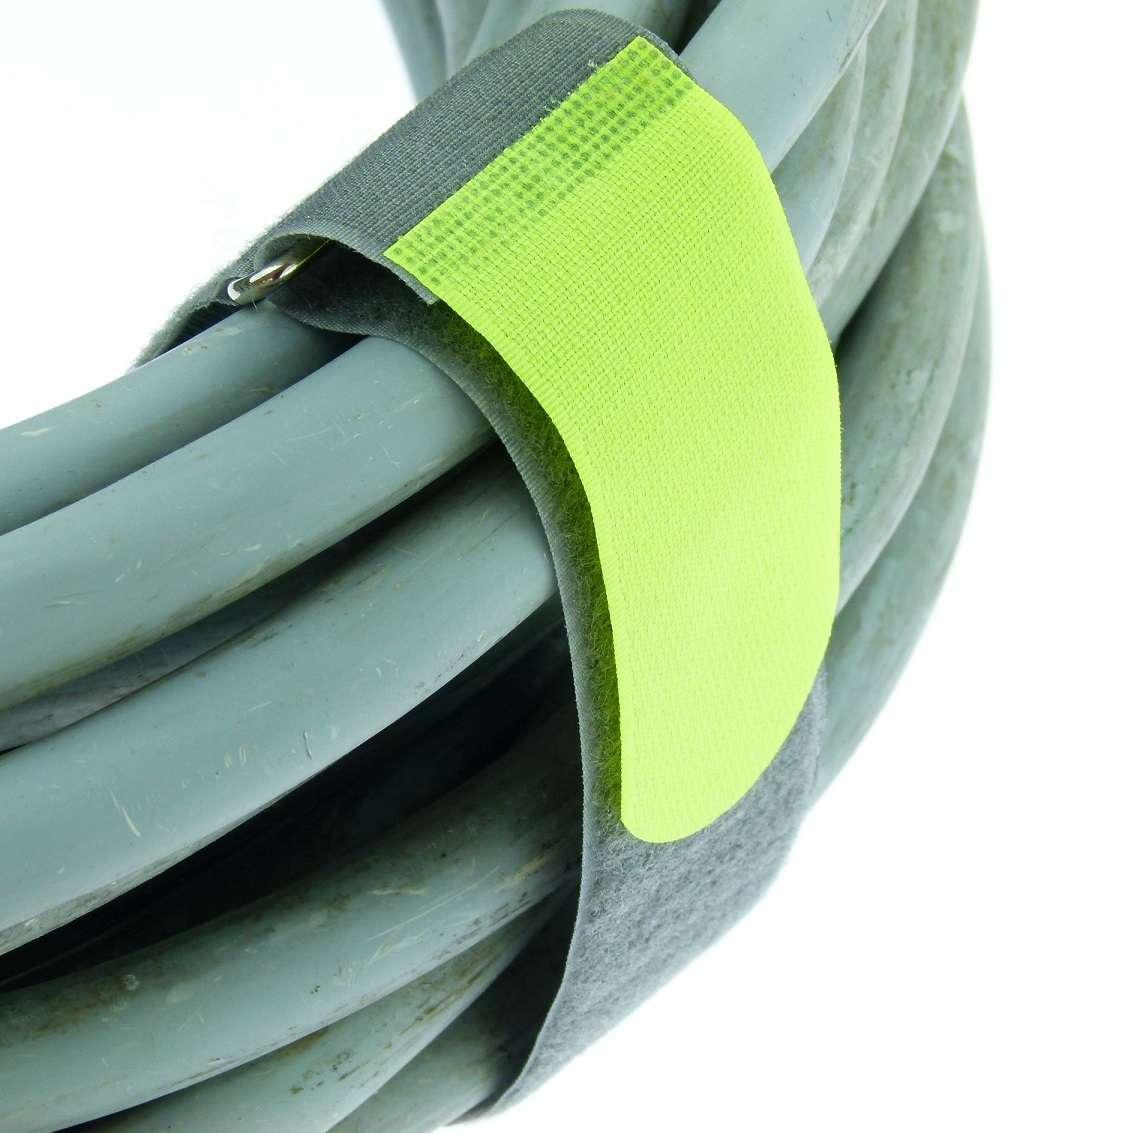 10 x Kabelklett Klettband 160 x 16 mm neon gelb FK Klett Kabelbinder Klettbänder